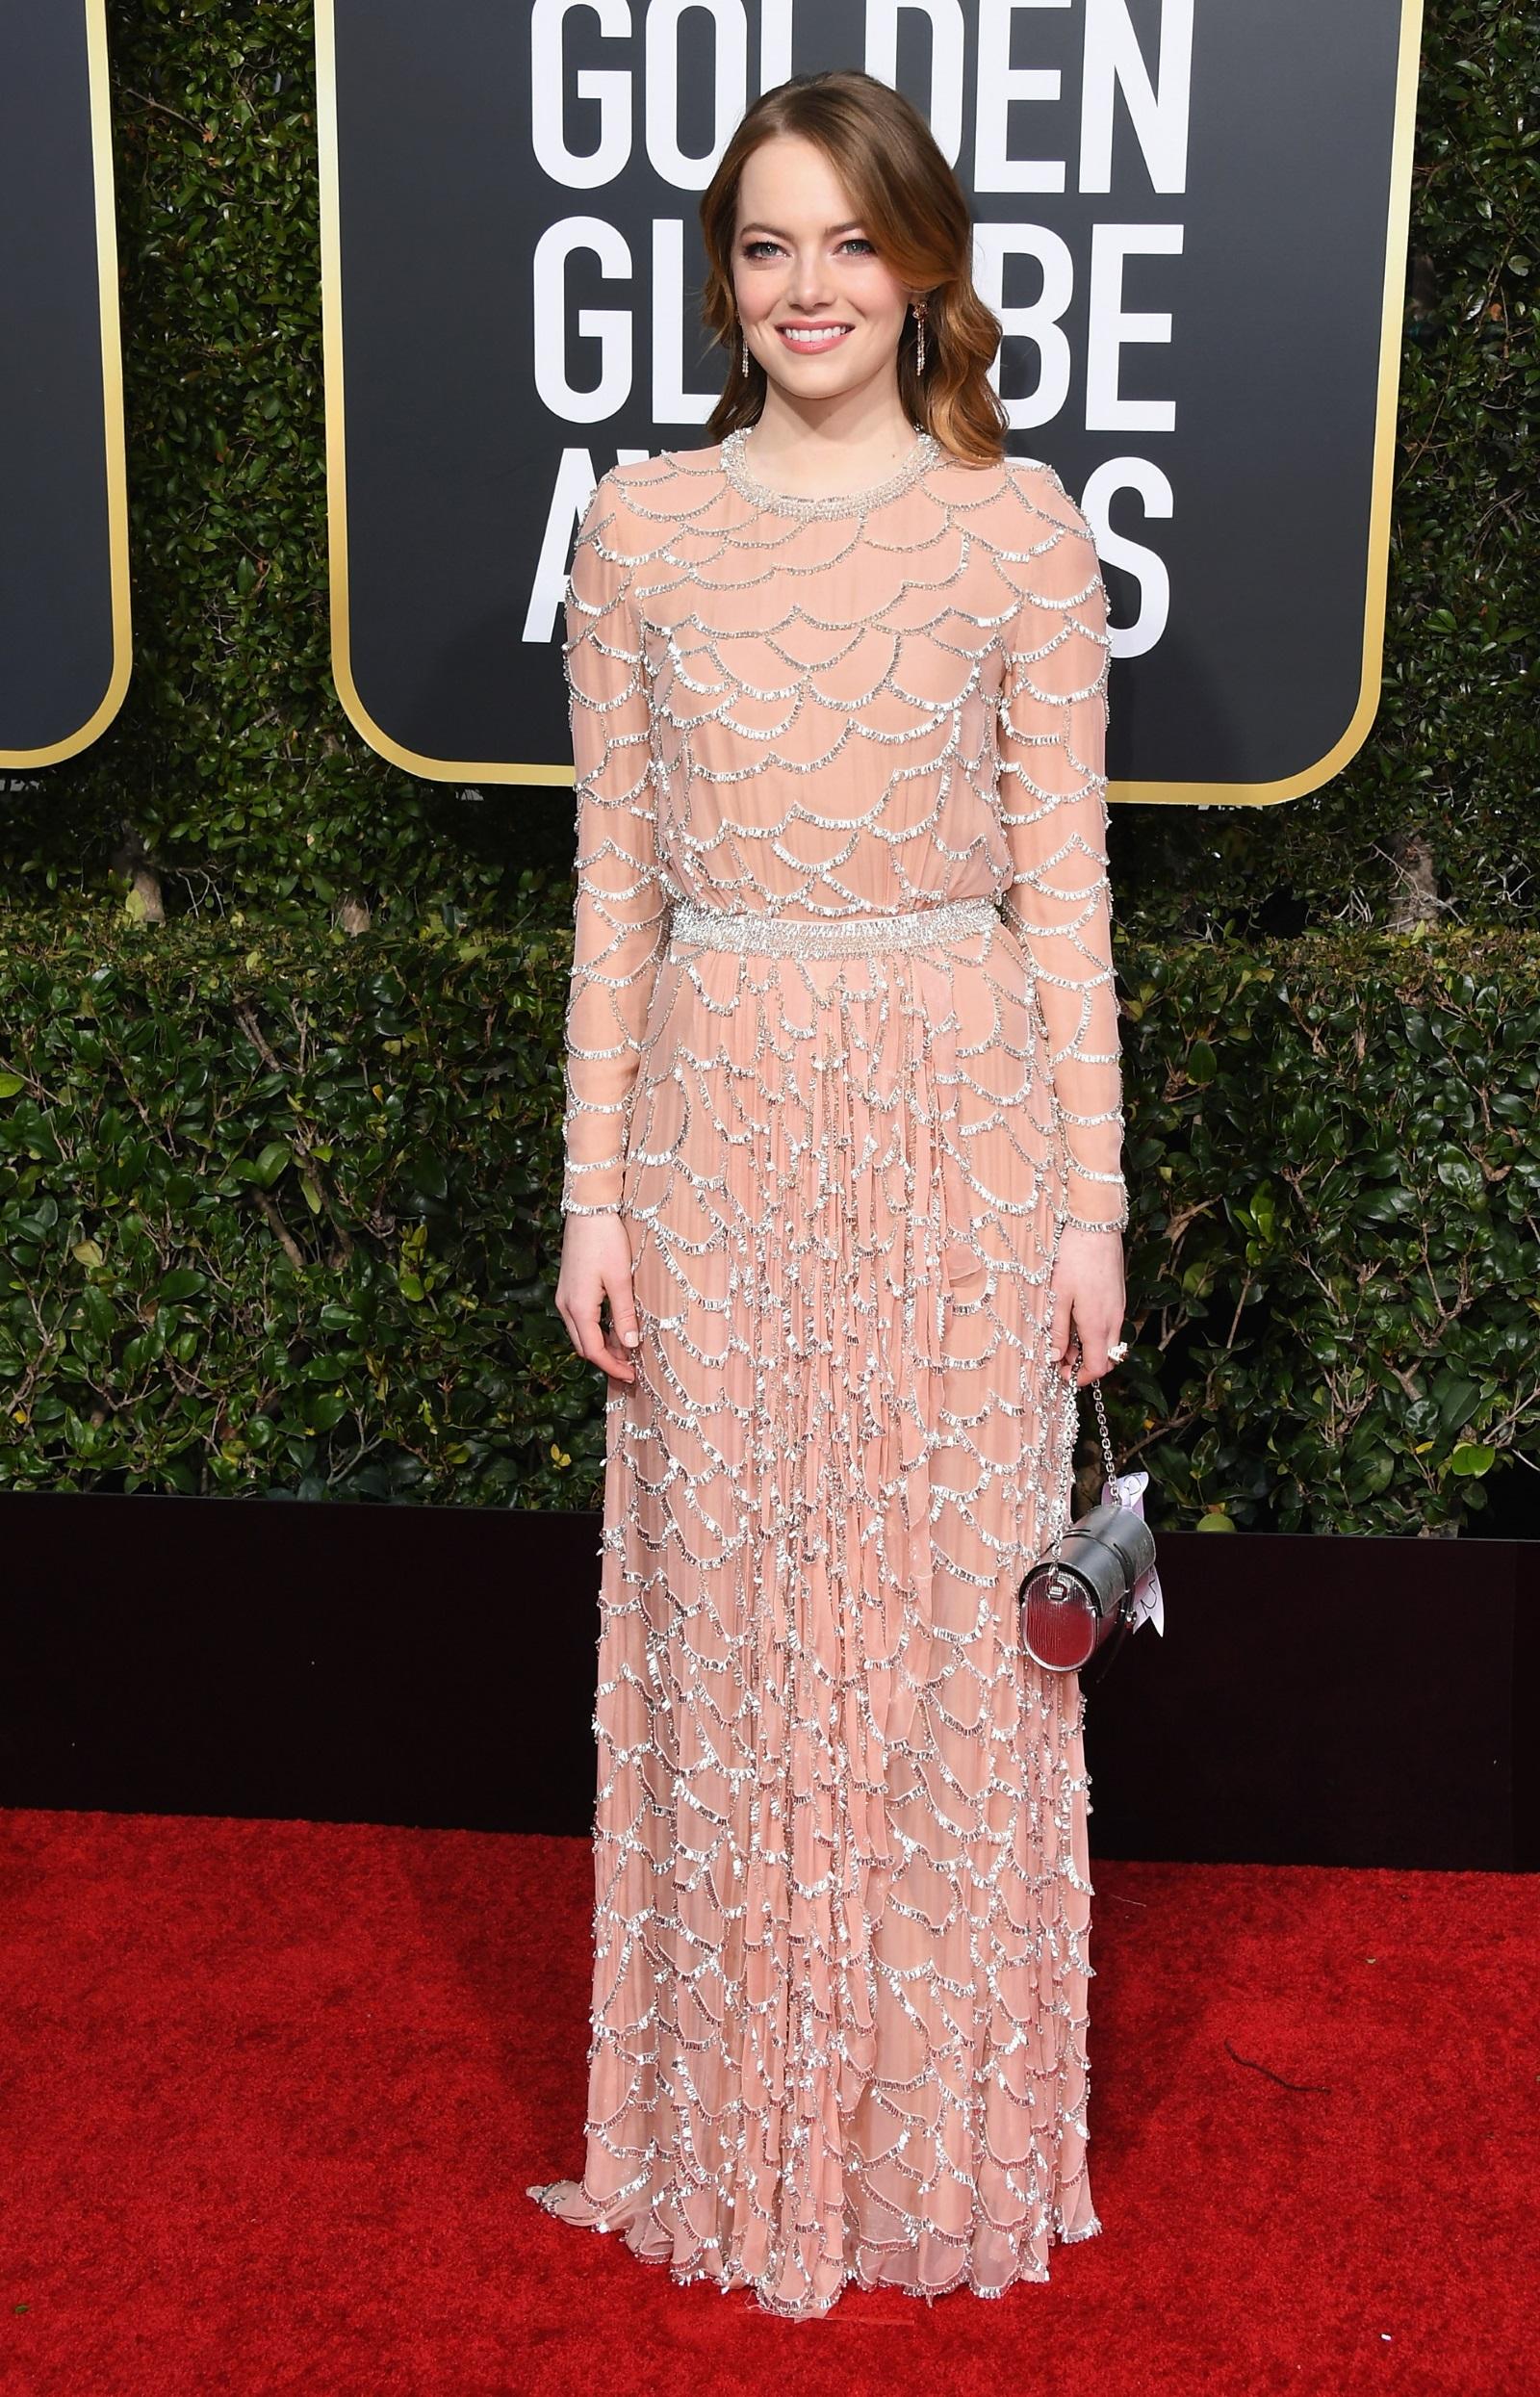 30-годишната актриса се разходи по червения килим с рокля в нежно розово на Louis Vuitton. Тоалетът e покрит с 63 хил. стъклени украшения. Изработката на роклята за наградите е отнела над 800 часа работа, а 30 души отговаряли за бродерията, пише сп. People. Бижута от розово злато и елегантна чантичка в сребристо допълваха визията на актрисата.